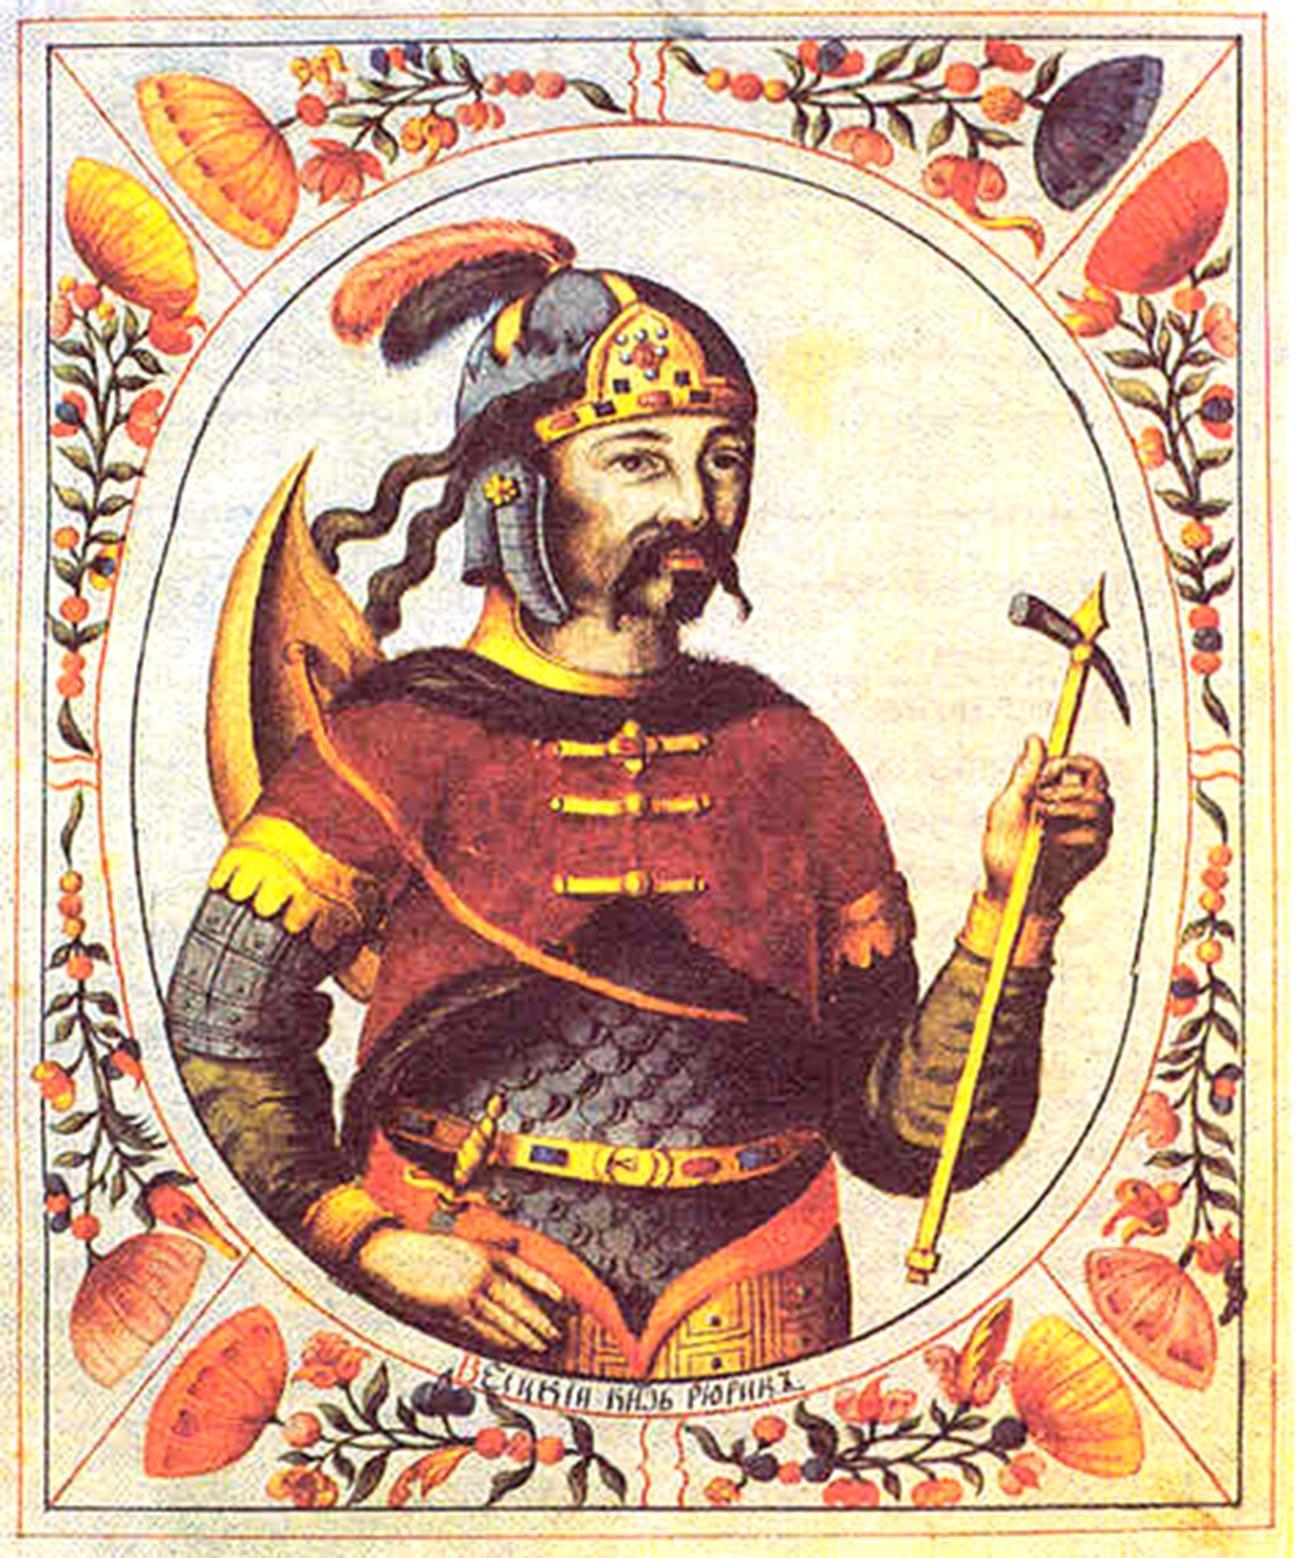 Rurik, dari manuskrip abad ke-17 Rusia.